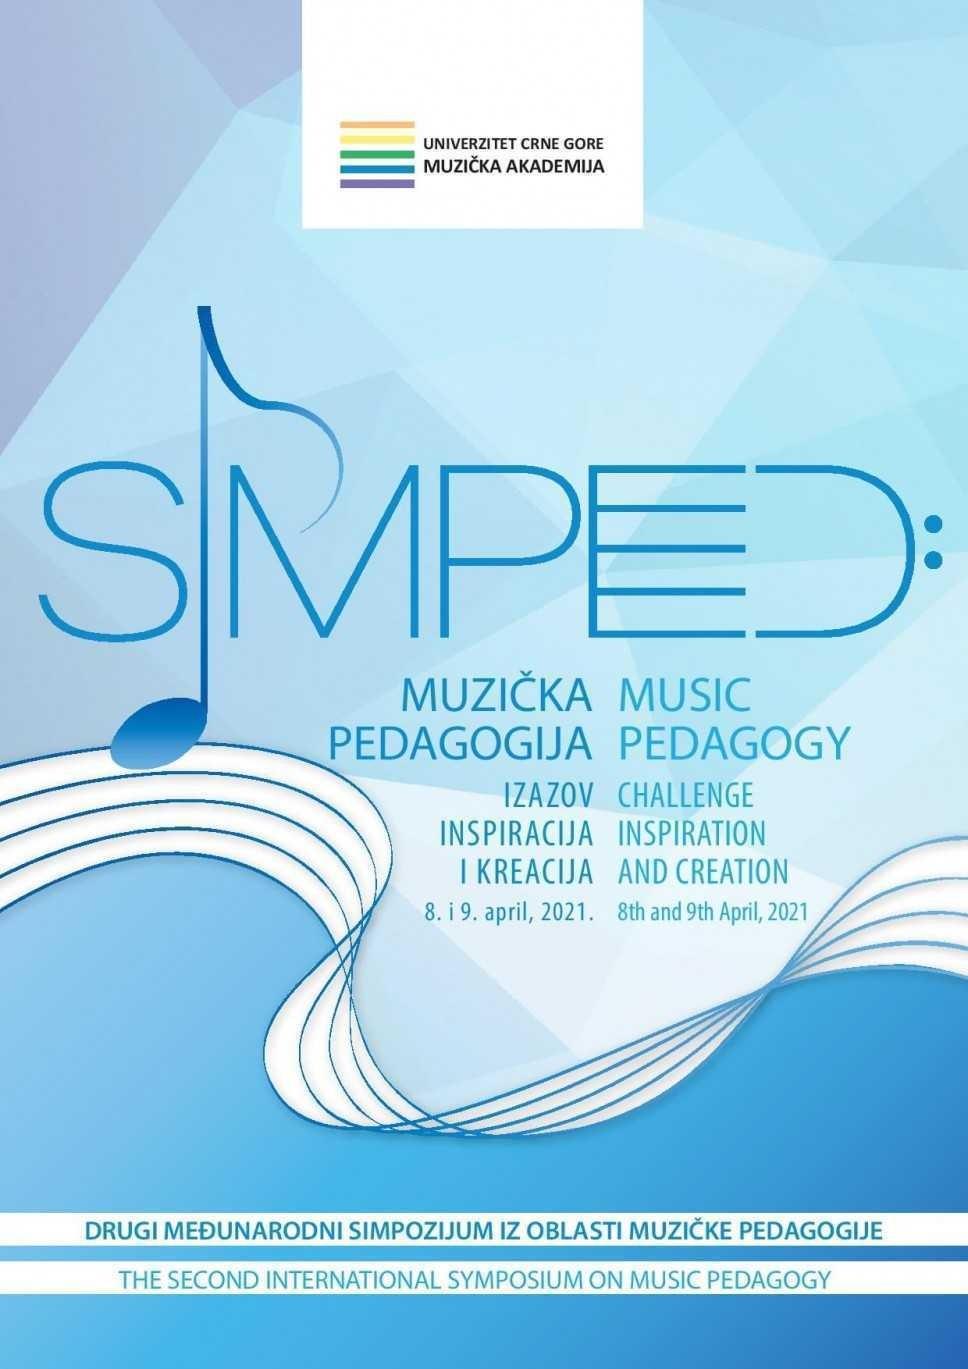 Drugi međunarodni simpozijum muzičke pedagogije Simped 2021 pratio veliki broj pedagoga iz zemlje, regiona i Evrope